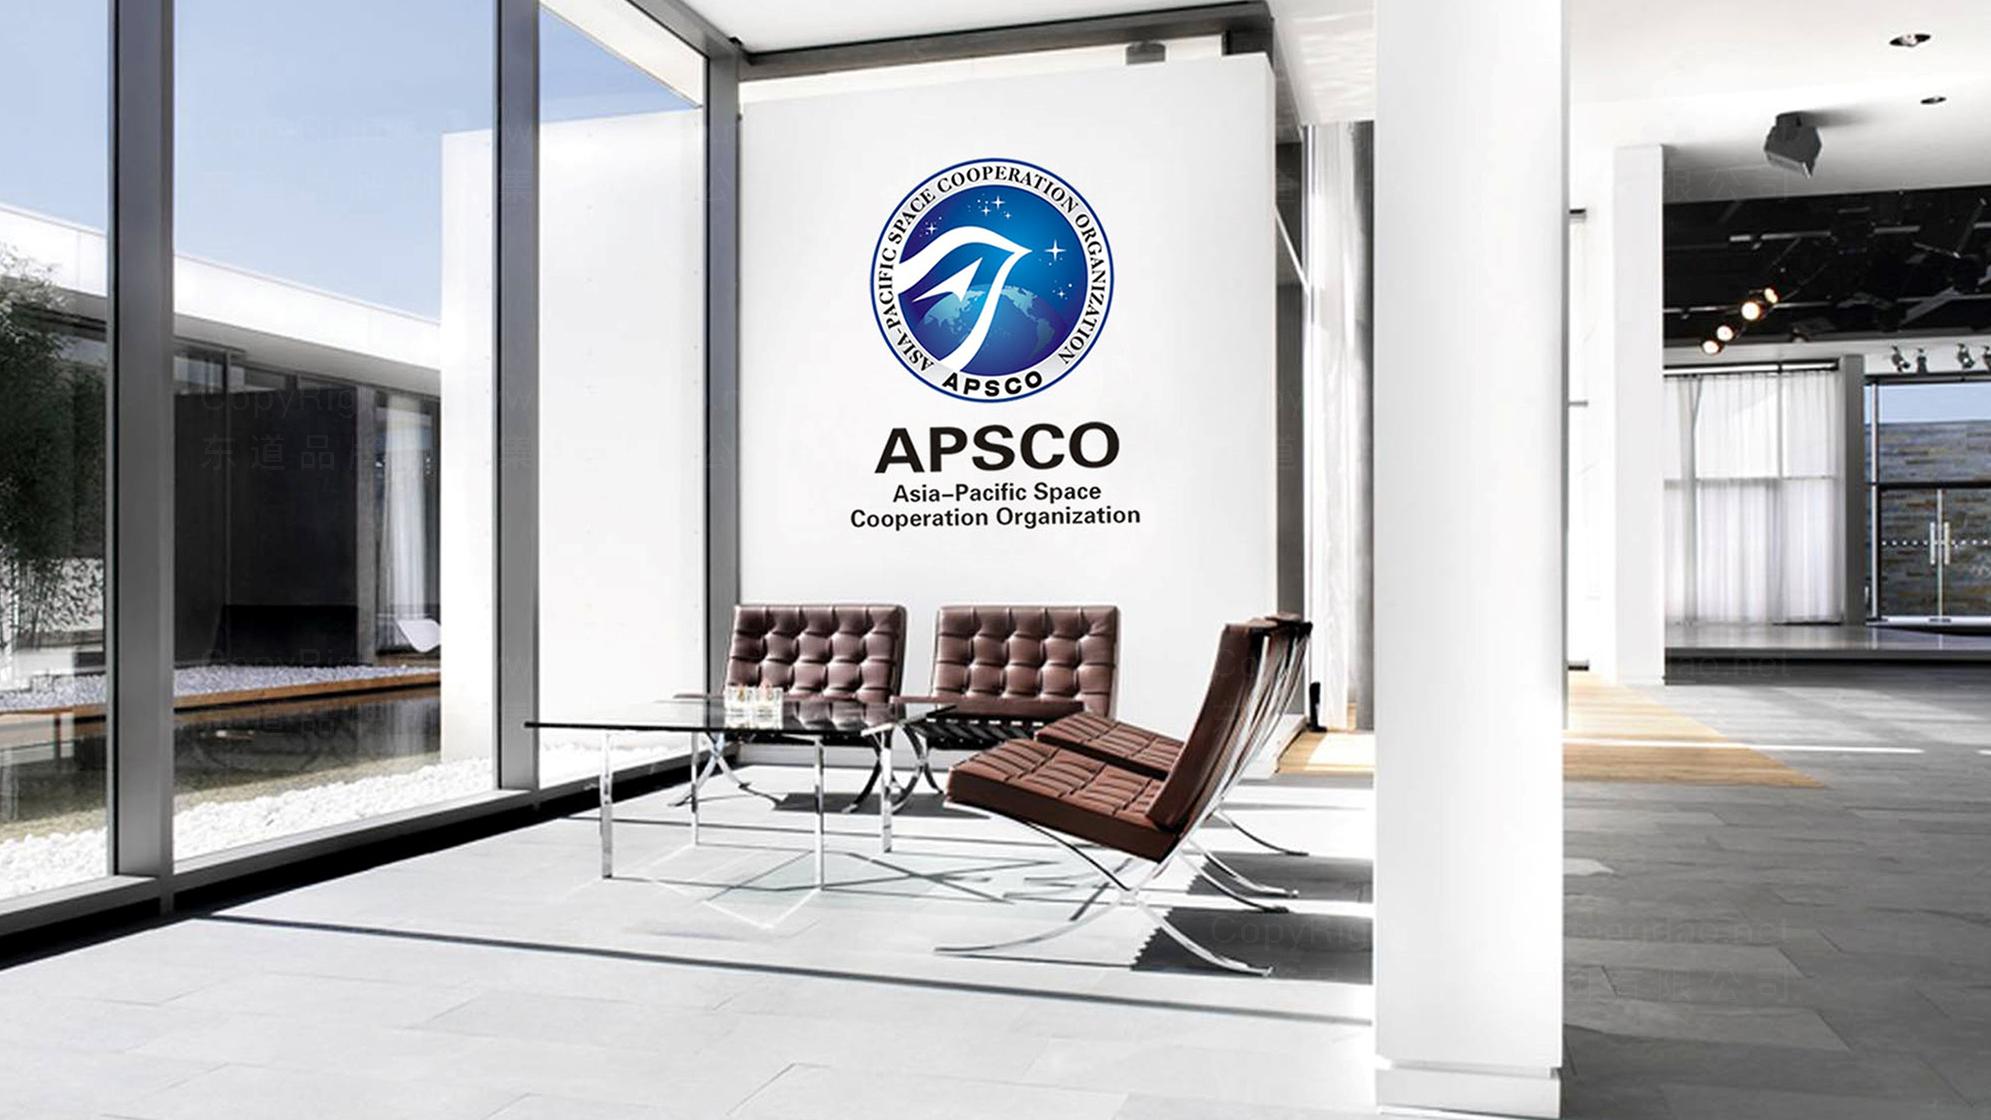 品牌设计亚太空间合作组织LOGO&VI设计应用场景_5